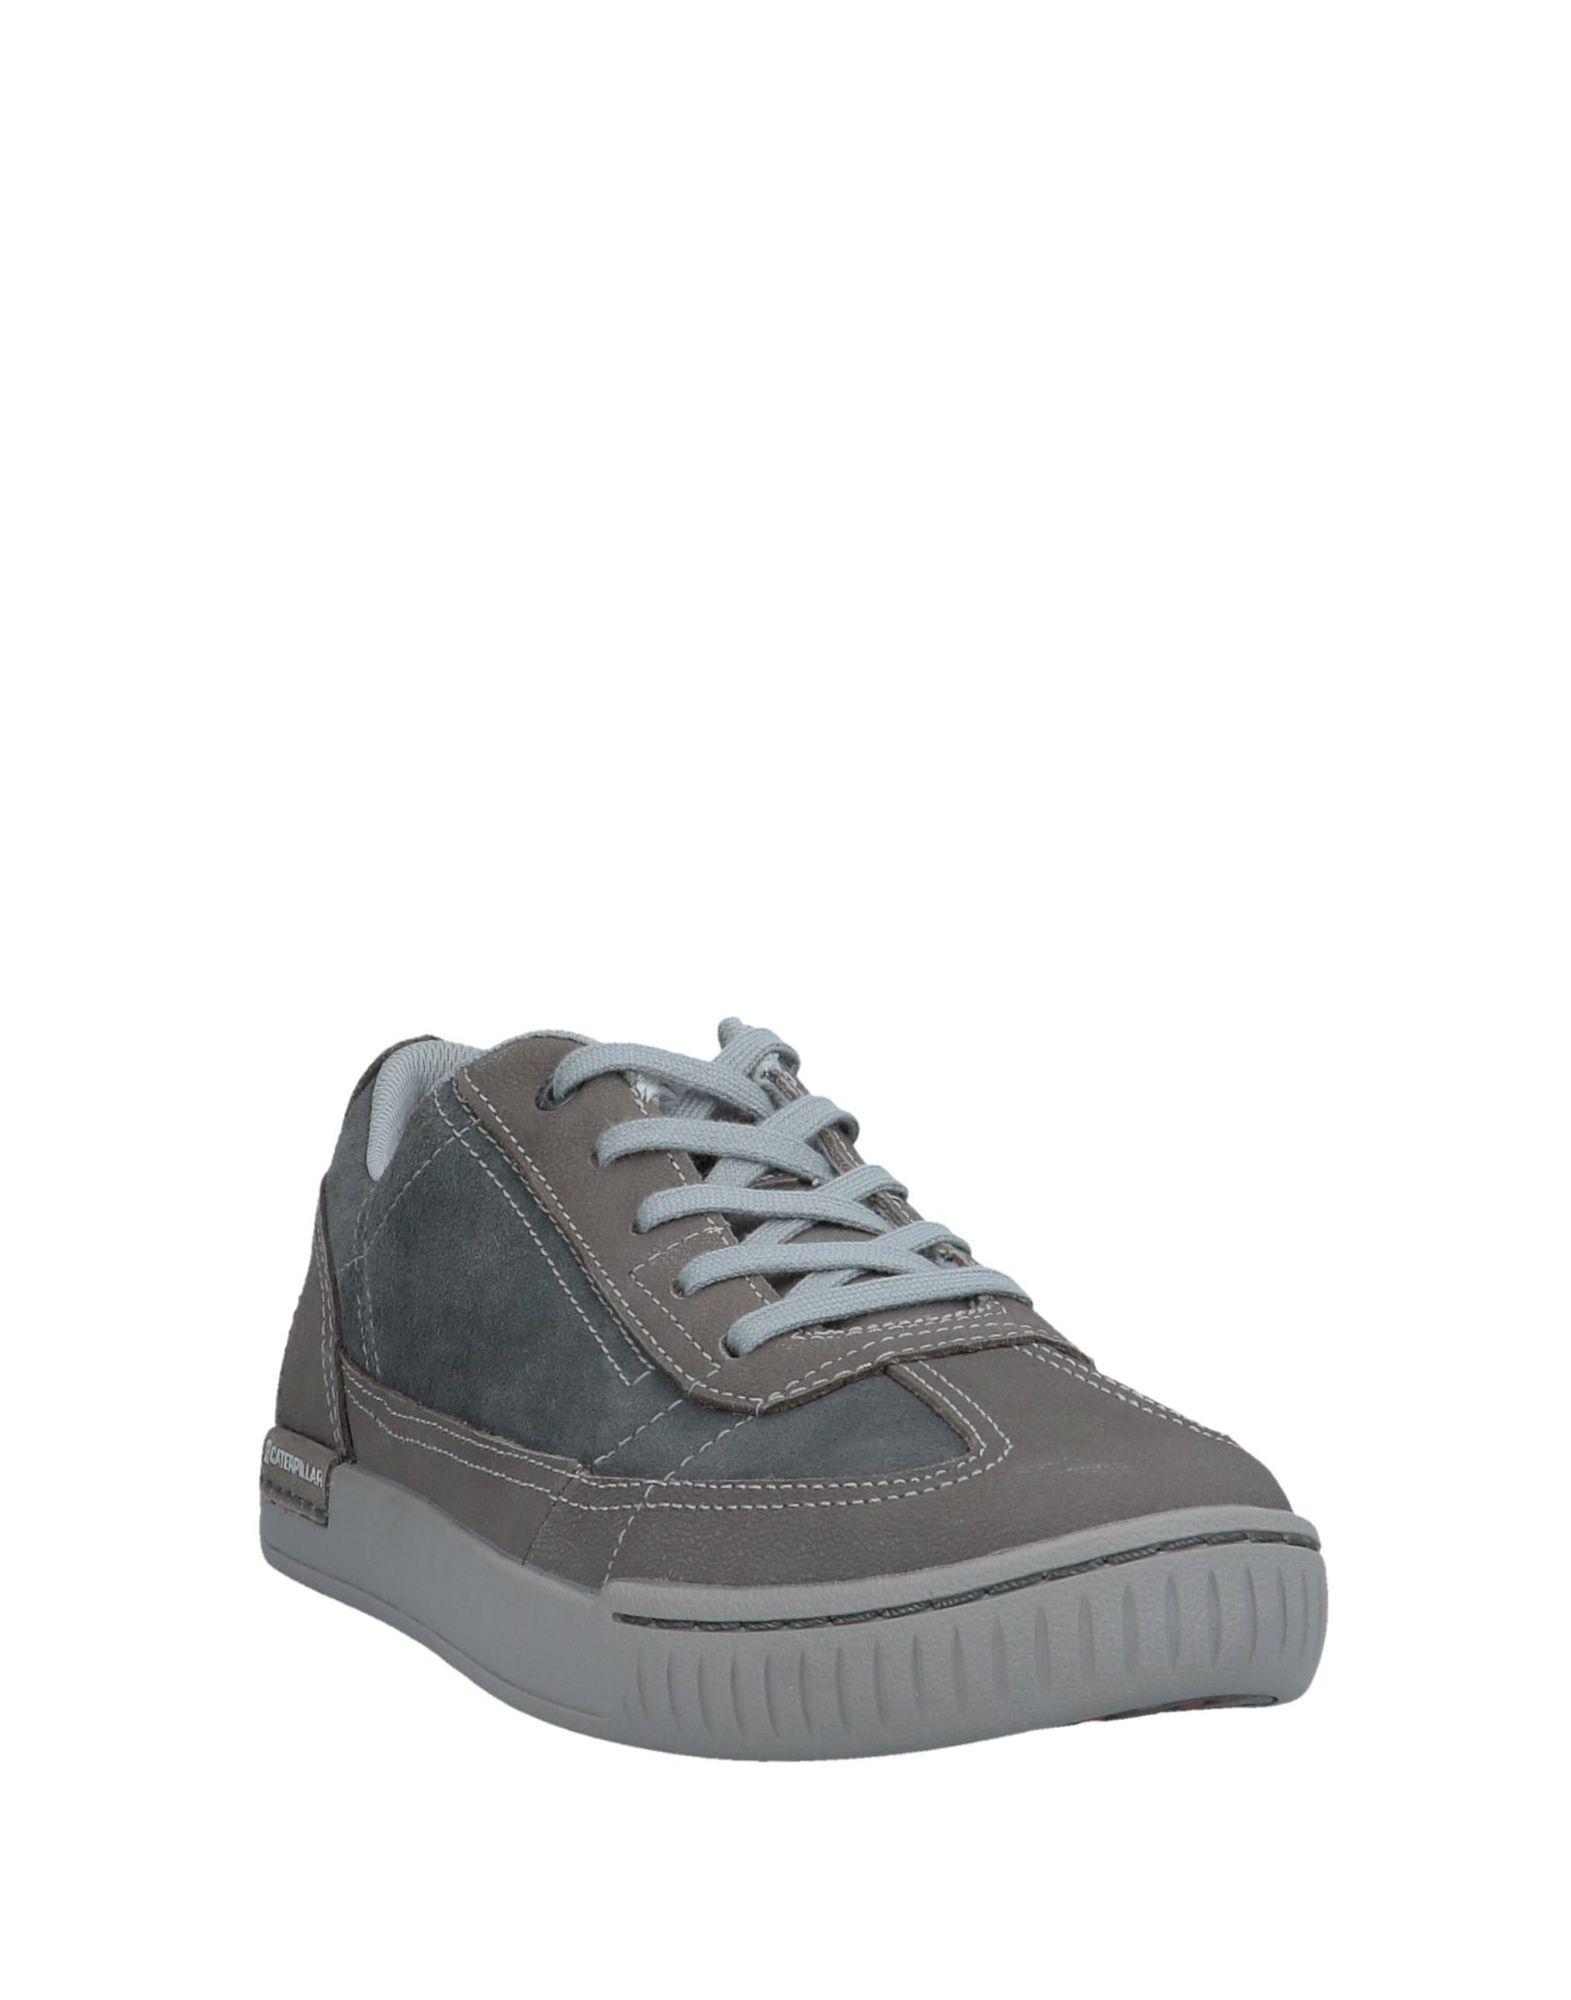 Rabatt echte Schuhe 11555779RV Cat Sneakers Herren  11555779RV Schuhe 3d30af